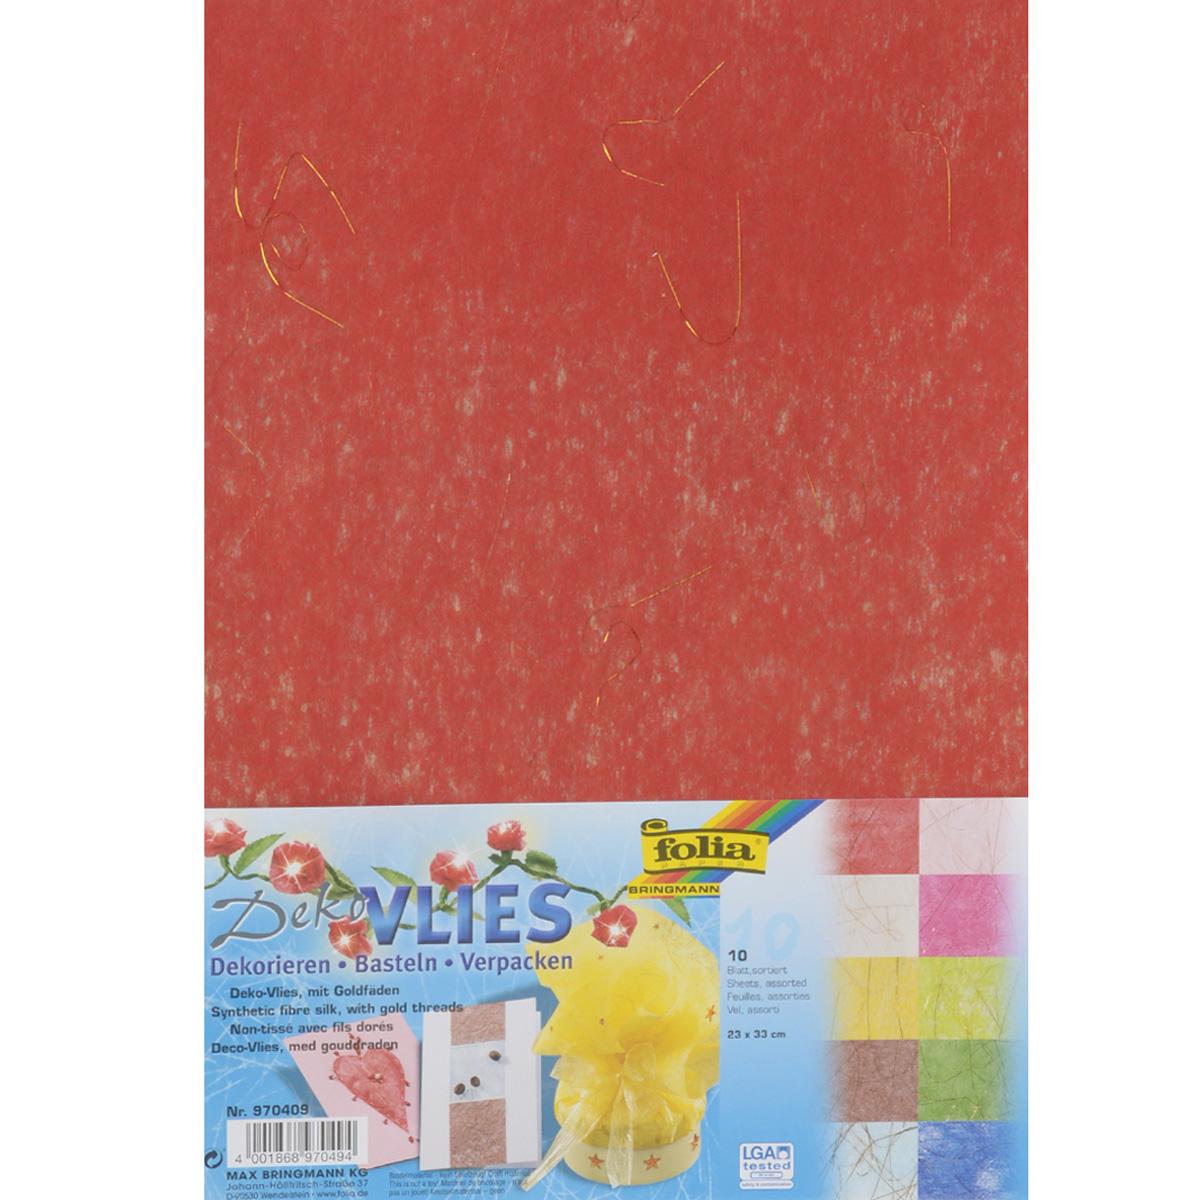 Бумага волокнистая Folia, с золотыми нитями, 23 х 33 см, 10 листов55052Волокнистая дизайнерская бумага Folia с золотыми нитями идеальна для изготовления оригинальных визиток, папок, календарей, презентационной продукции. Также бумага прекрасно подойдет для оформления творческих работ в технике скрапбукинг. Ее можно использовать для украшения фотоальбомов, скрап-страничек, подарков, конвертов, фоторамок, открыток и многого другого. В наборе - 10 листов разных цветов. Скрапбукинг - это хобби, которое способно приносить массу приятных эмоций не только человеку, который этим занимается, но и его близким, друзьям, родным. Это невероятно увлекательное занятие, которое поможет вам сохранить наиболее памятные и яркие моменты вашей жизни, а также интересно оформить интерьер дома.Размер листа: 23 см х 33 см.